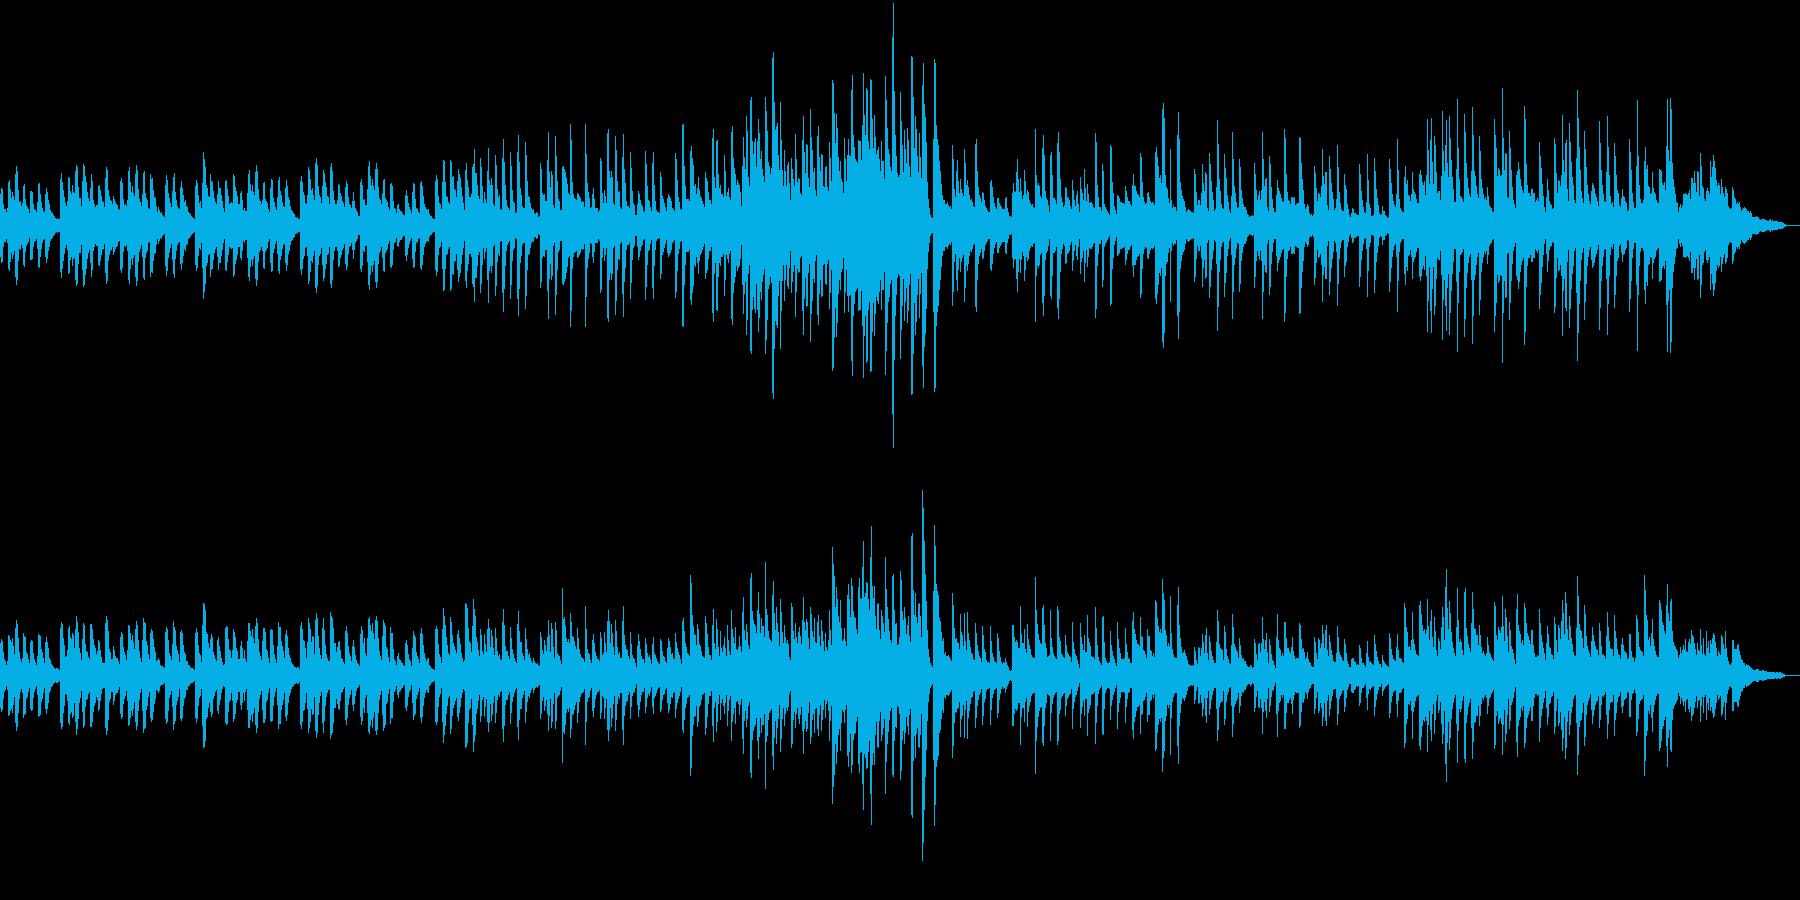 ヒーリングピアノバラードの再生済みの波形